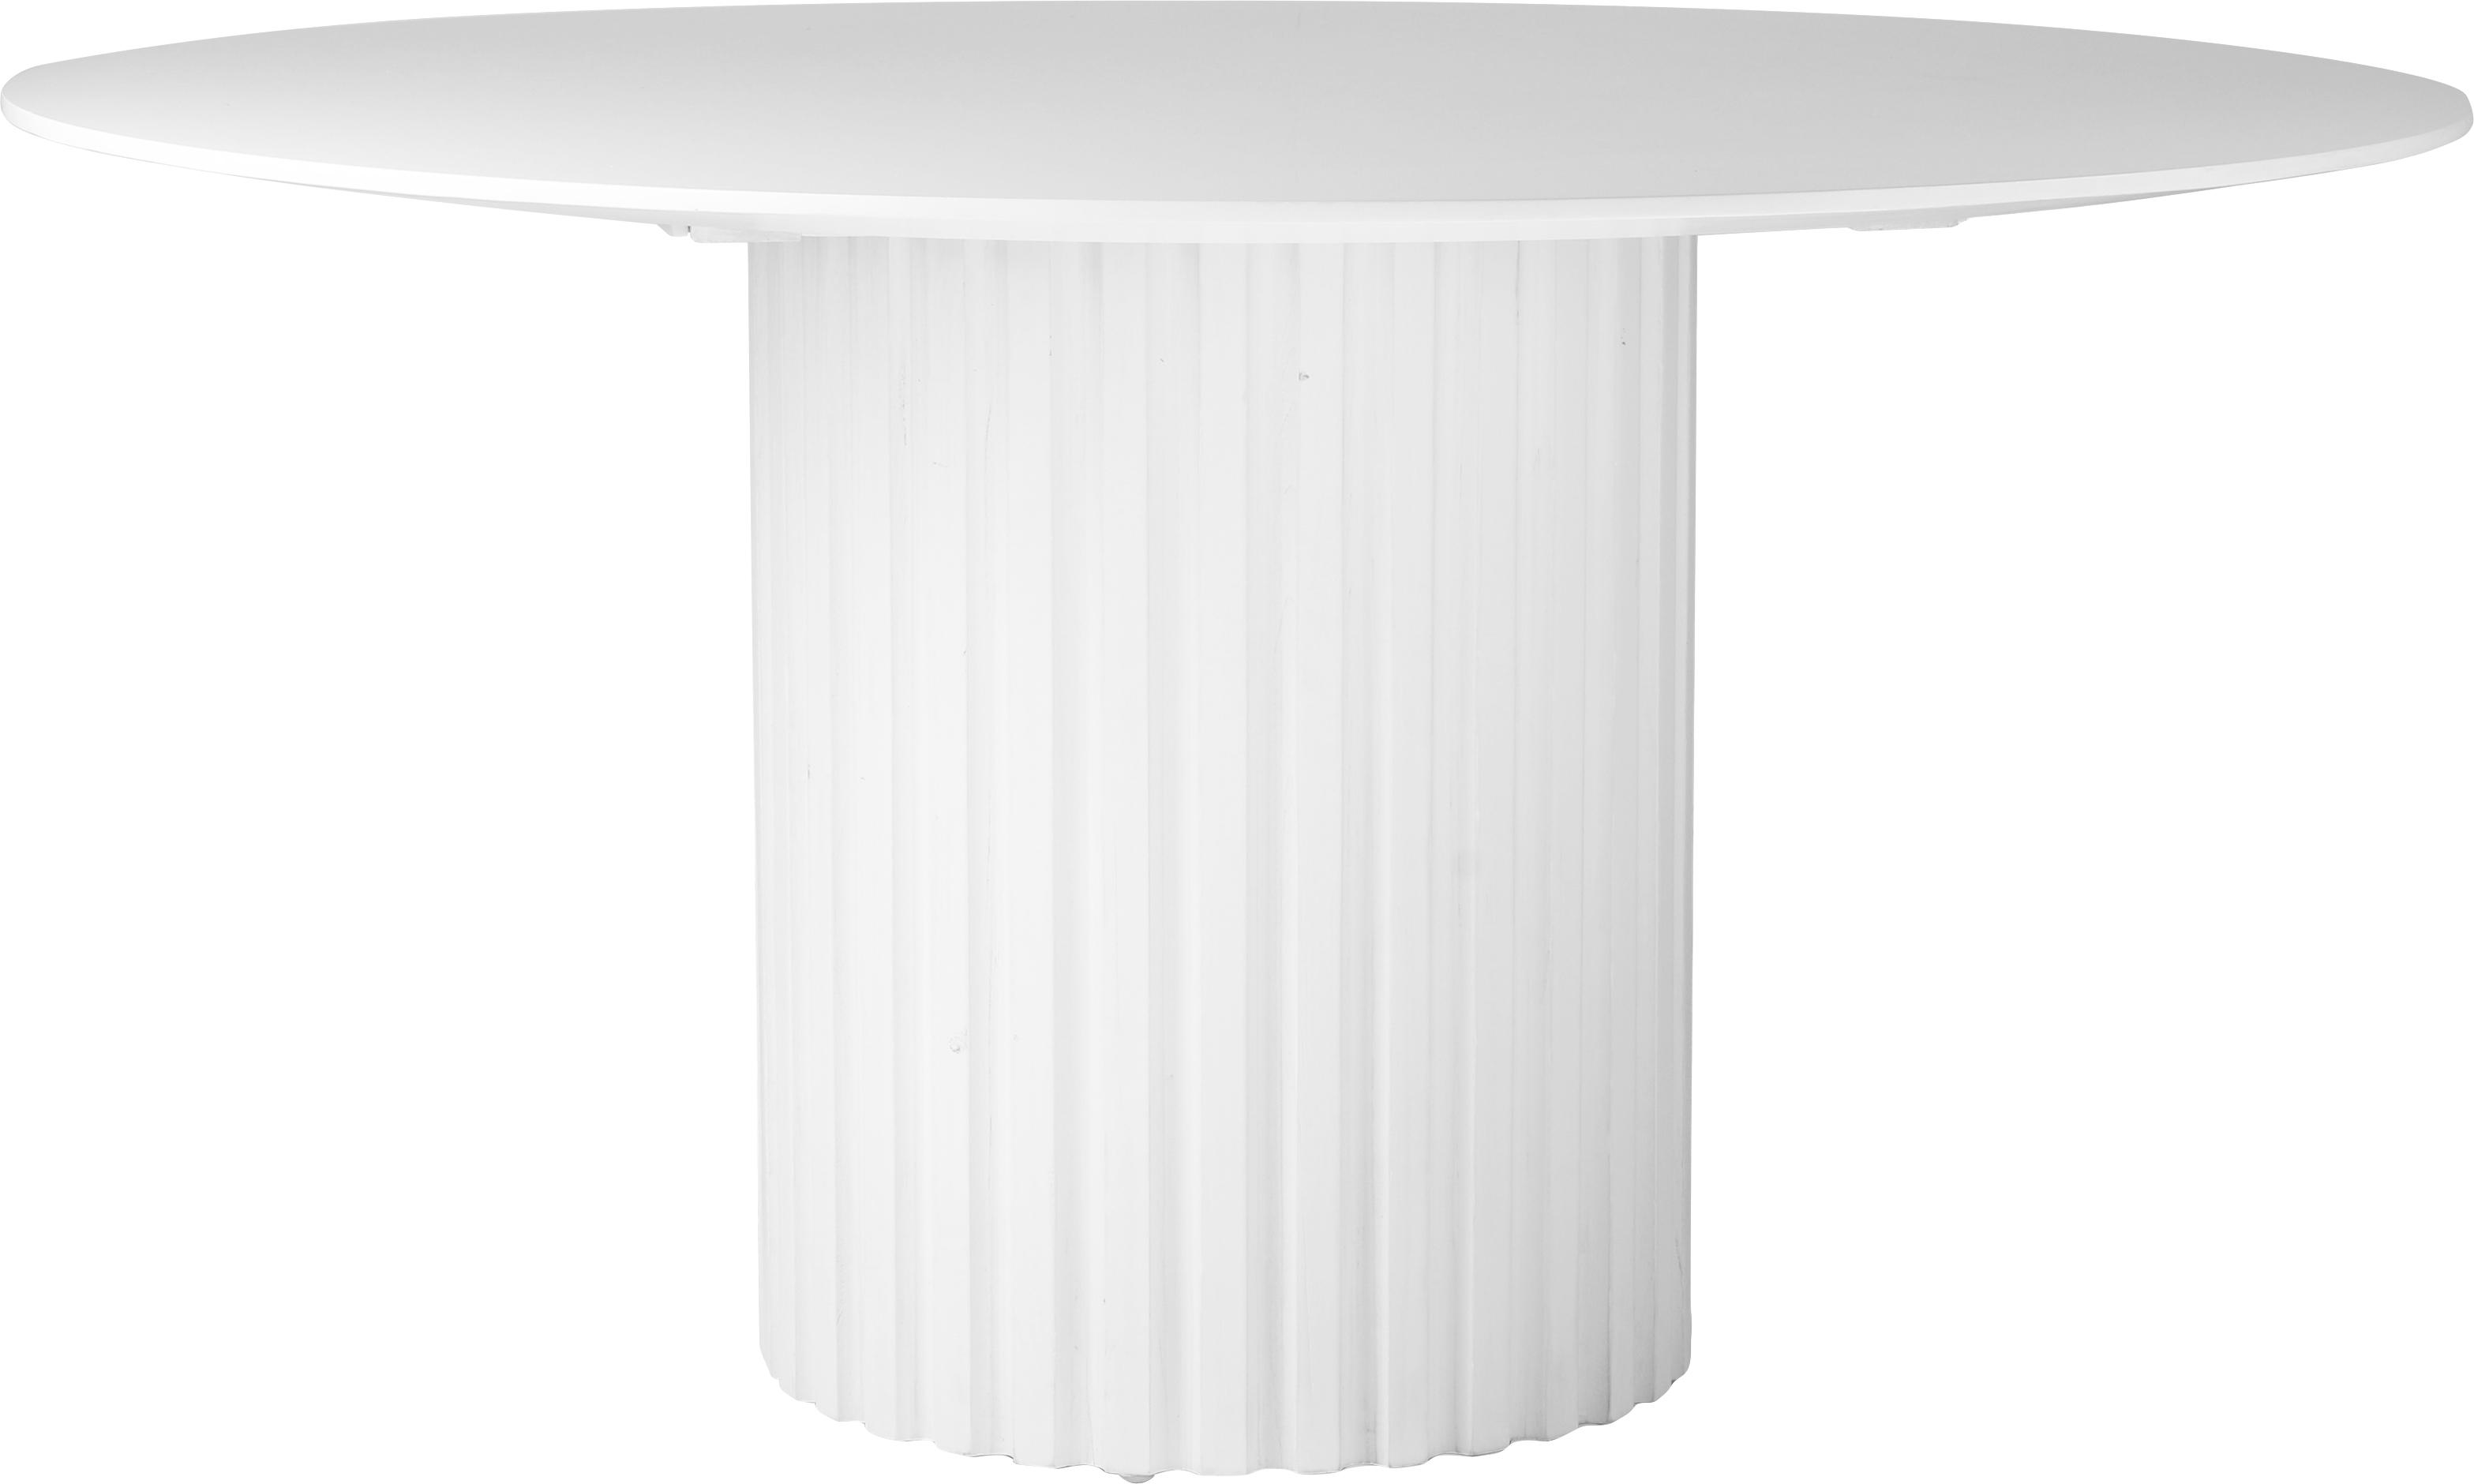 Tavolo rotondo bianco  Pillar, Legno di Sungkai, pannelli di fibra a media densità (MDF), Bianco, Ø 140 x Alt. 75 cm